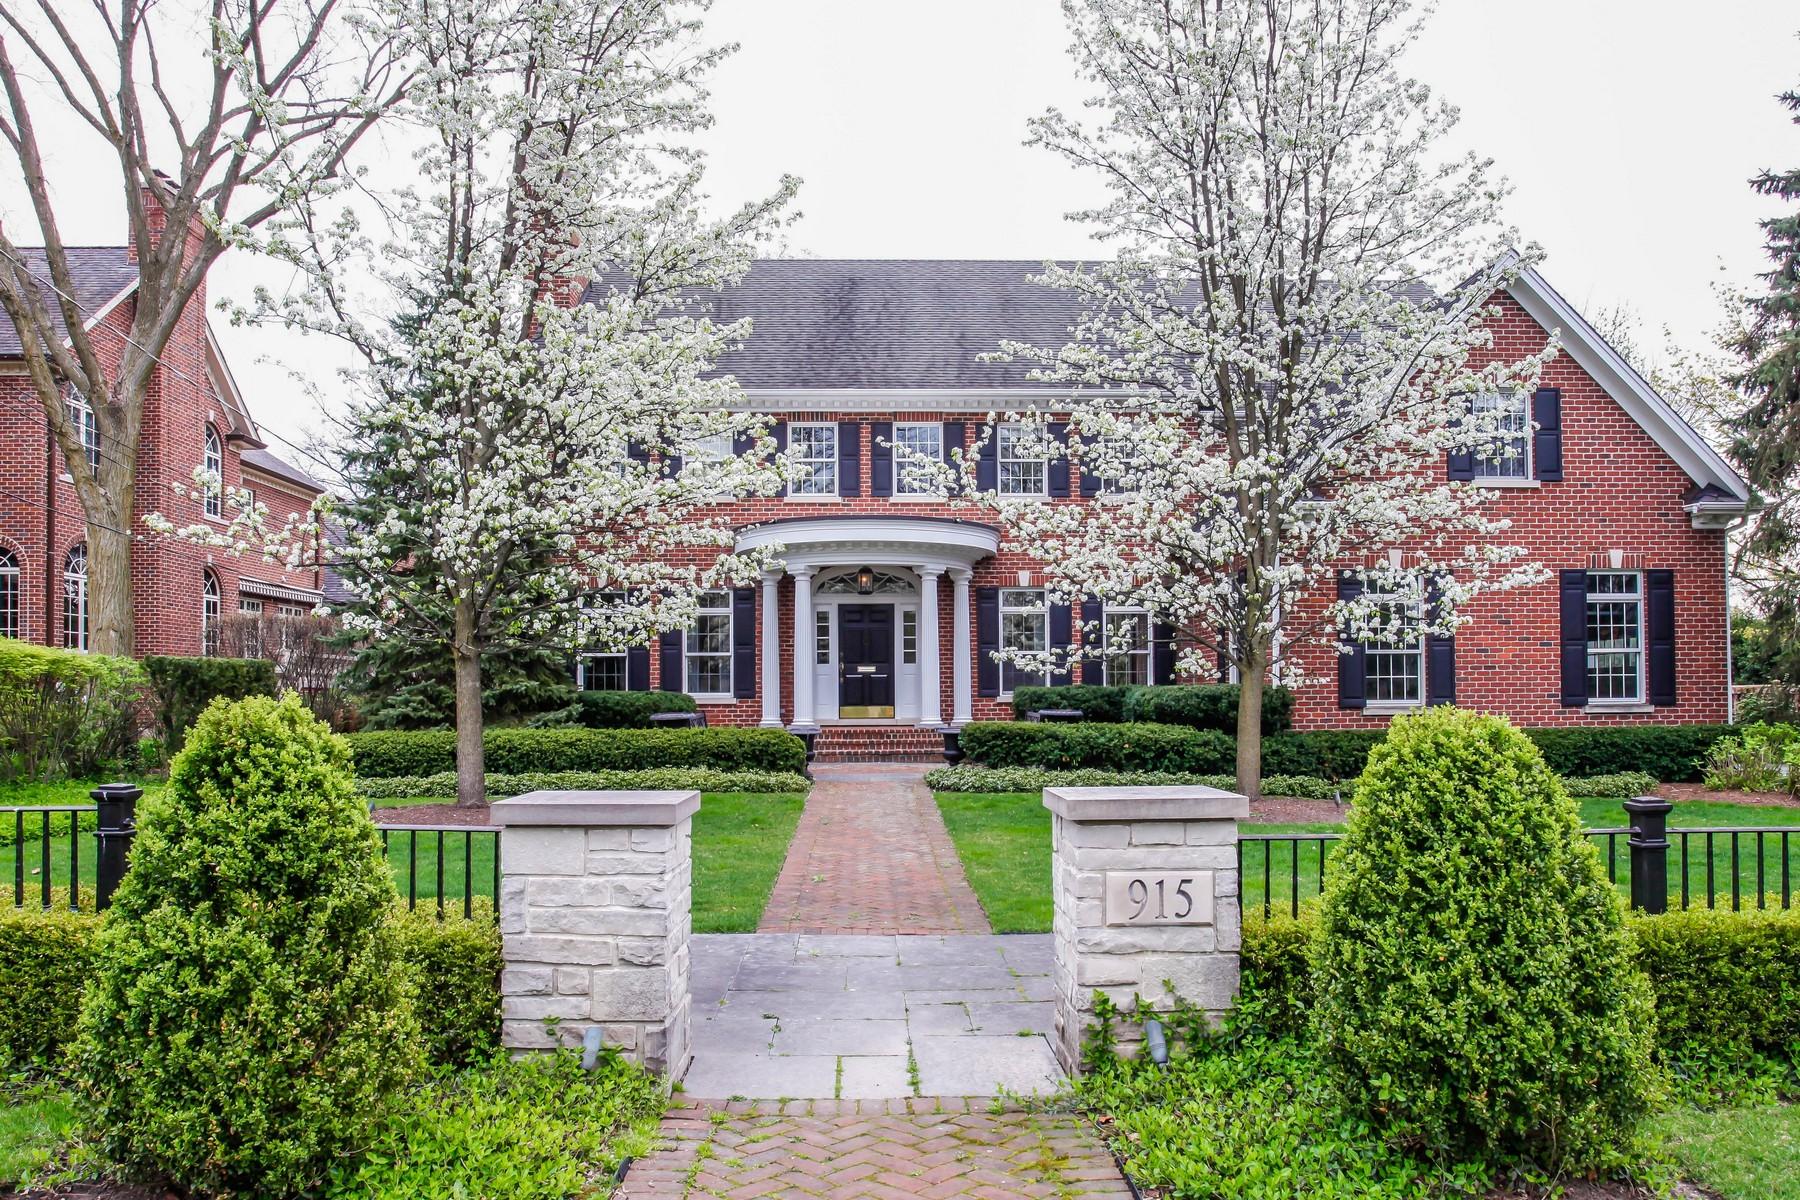 Casa para uma família para Venda às 915 S. Elm 915 S. Elm St. Hinsdale, Illinois, 60521 Estados Unidos